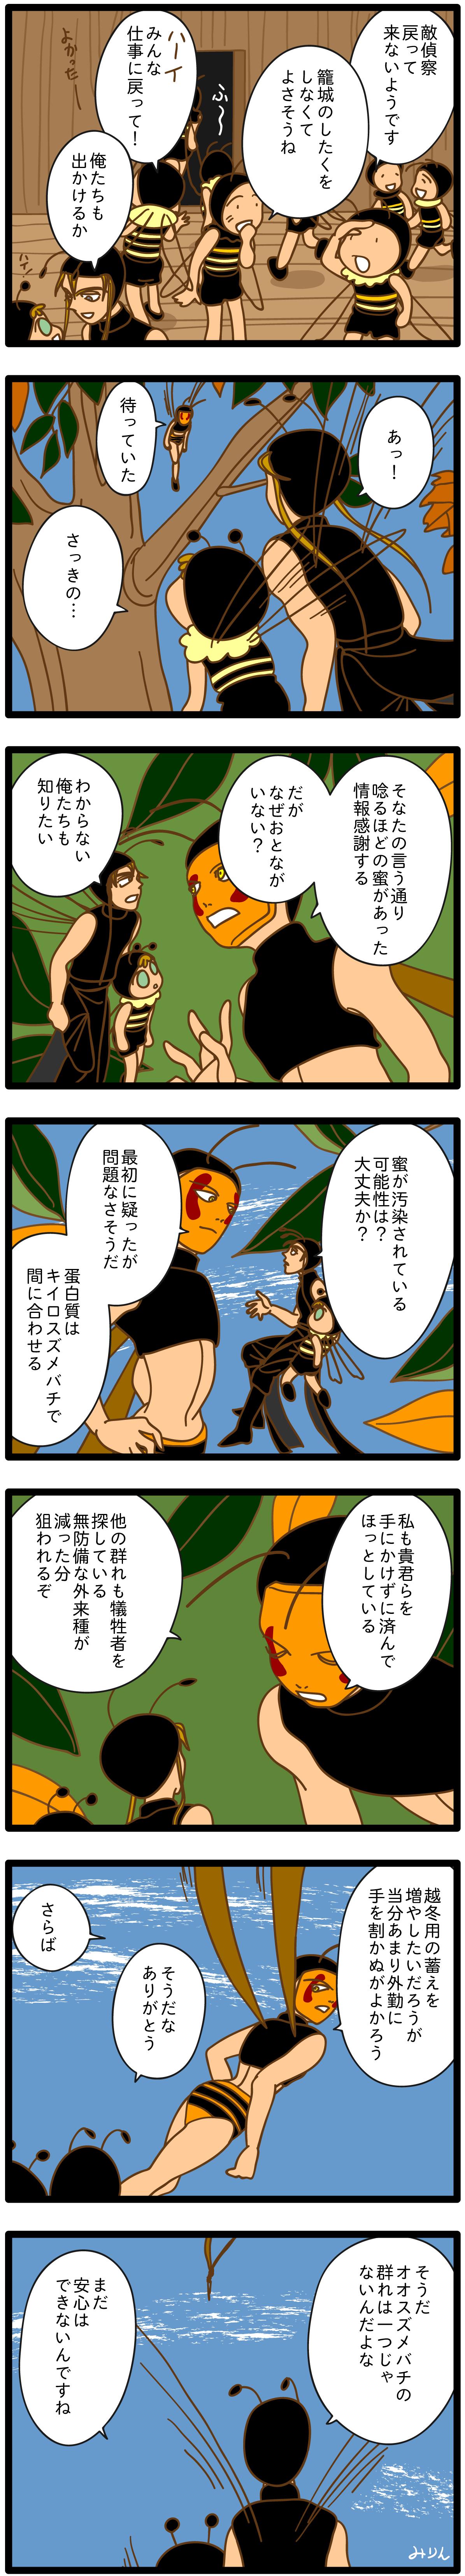 109. 前哨戦(2)